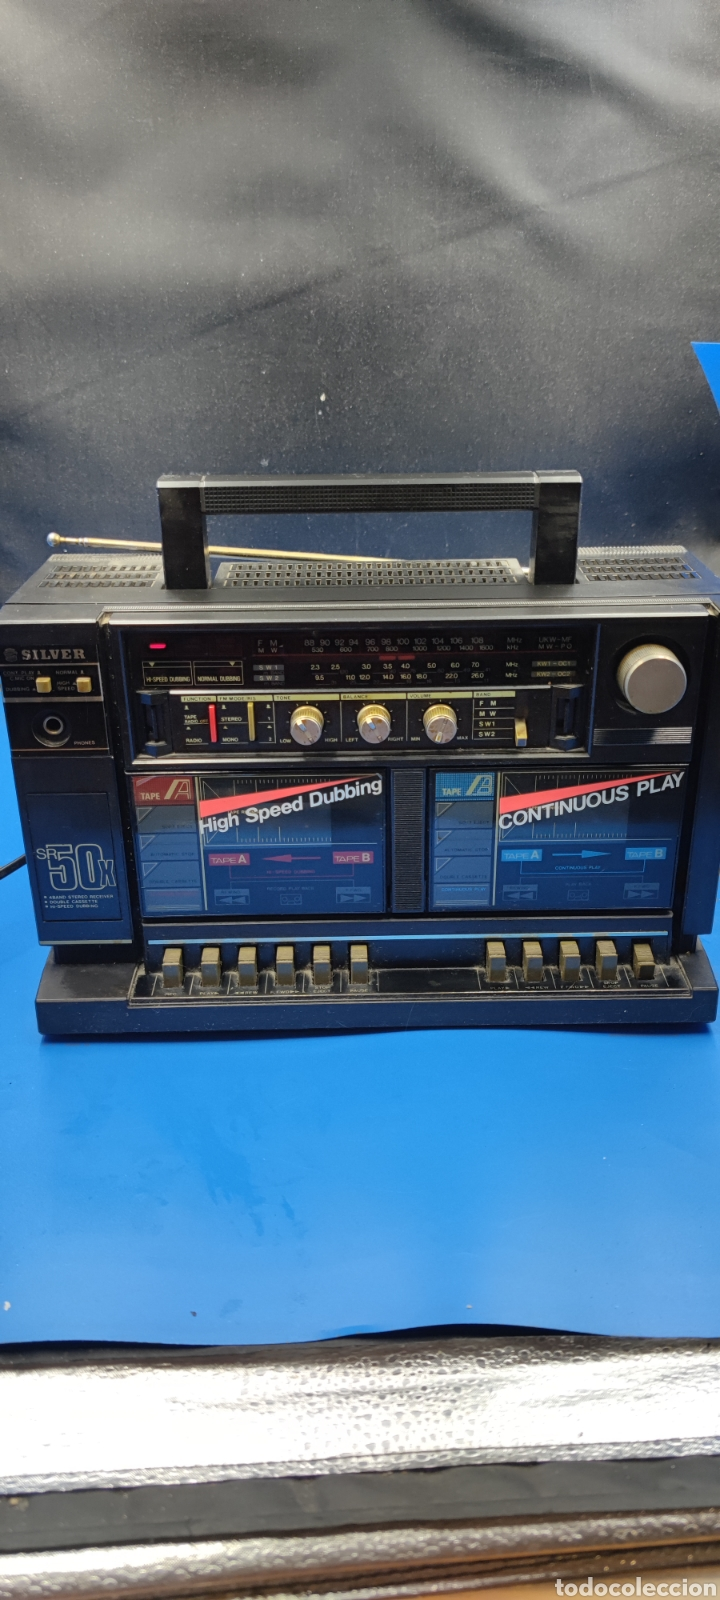 RADIO CASSETTE SILVER SR 50 X VINTAGE (Radios, Gramófonos, Grabadoras y Otros - Radioaficionados)